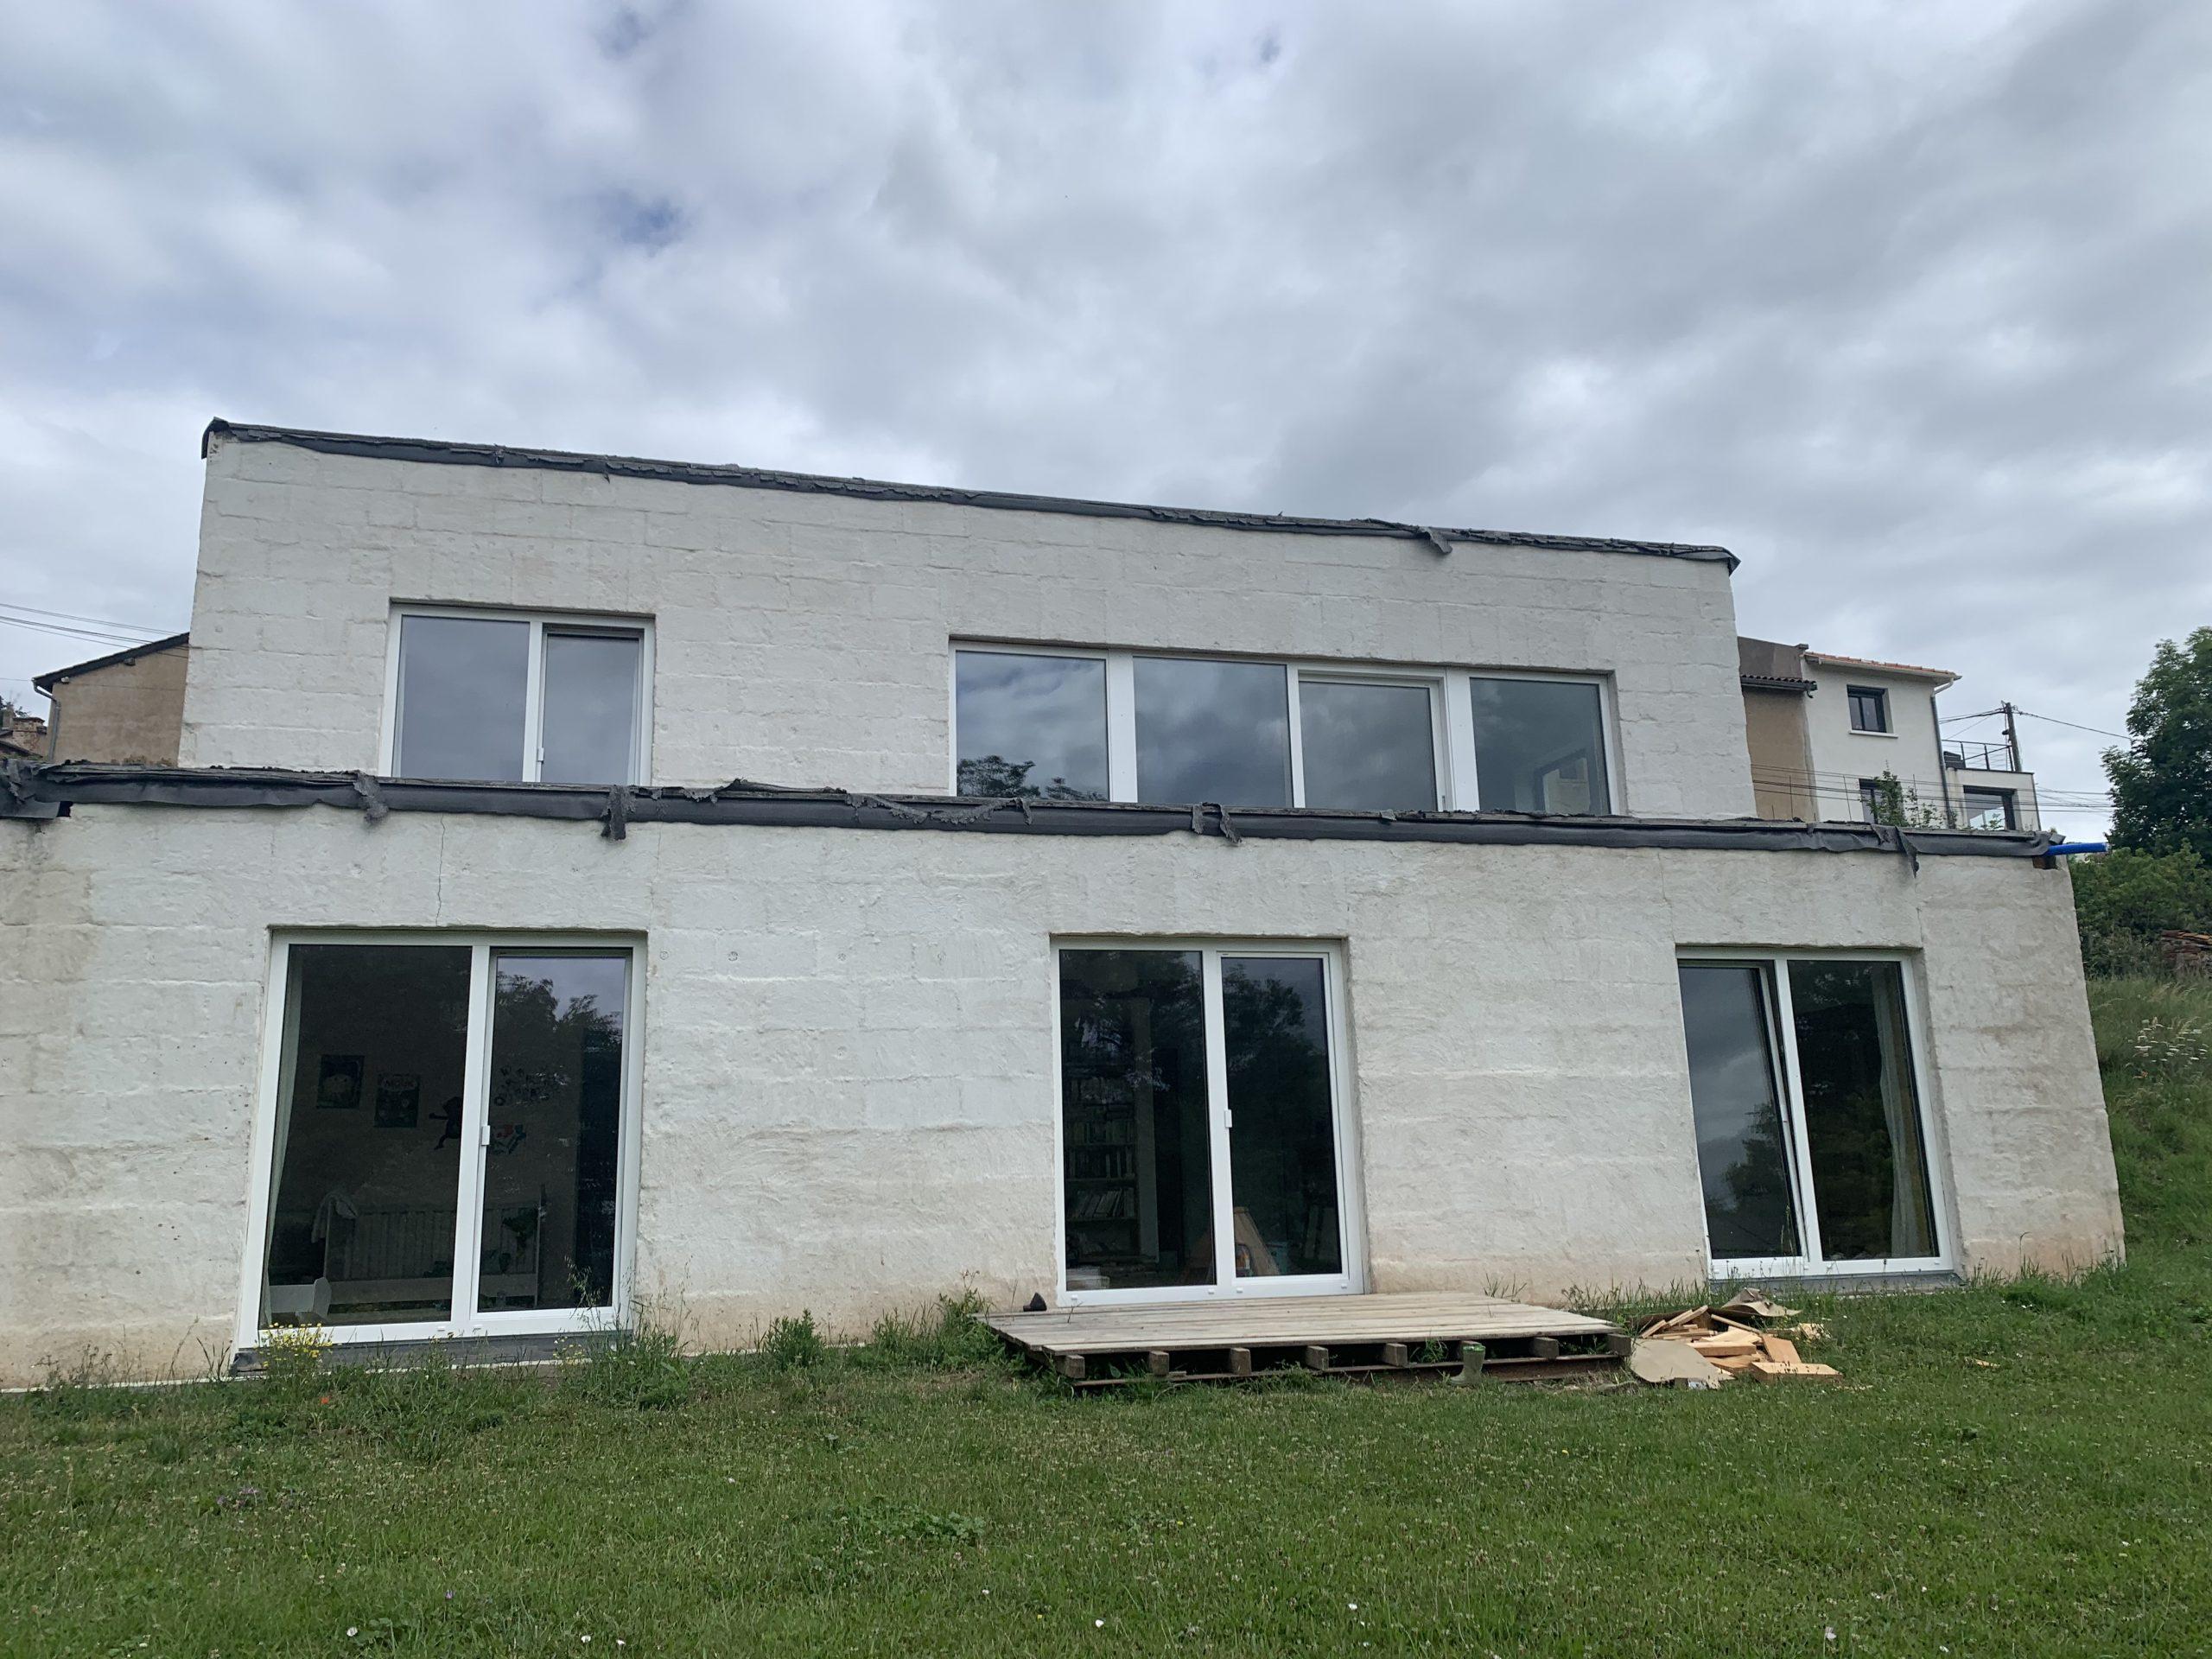 IMG 3986 scaled - Rénovation d'une maison passive